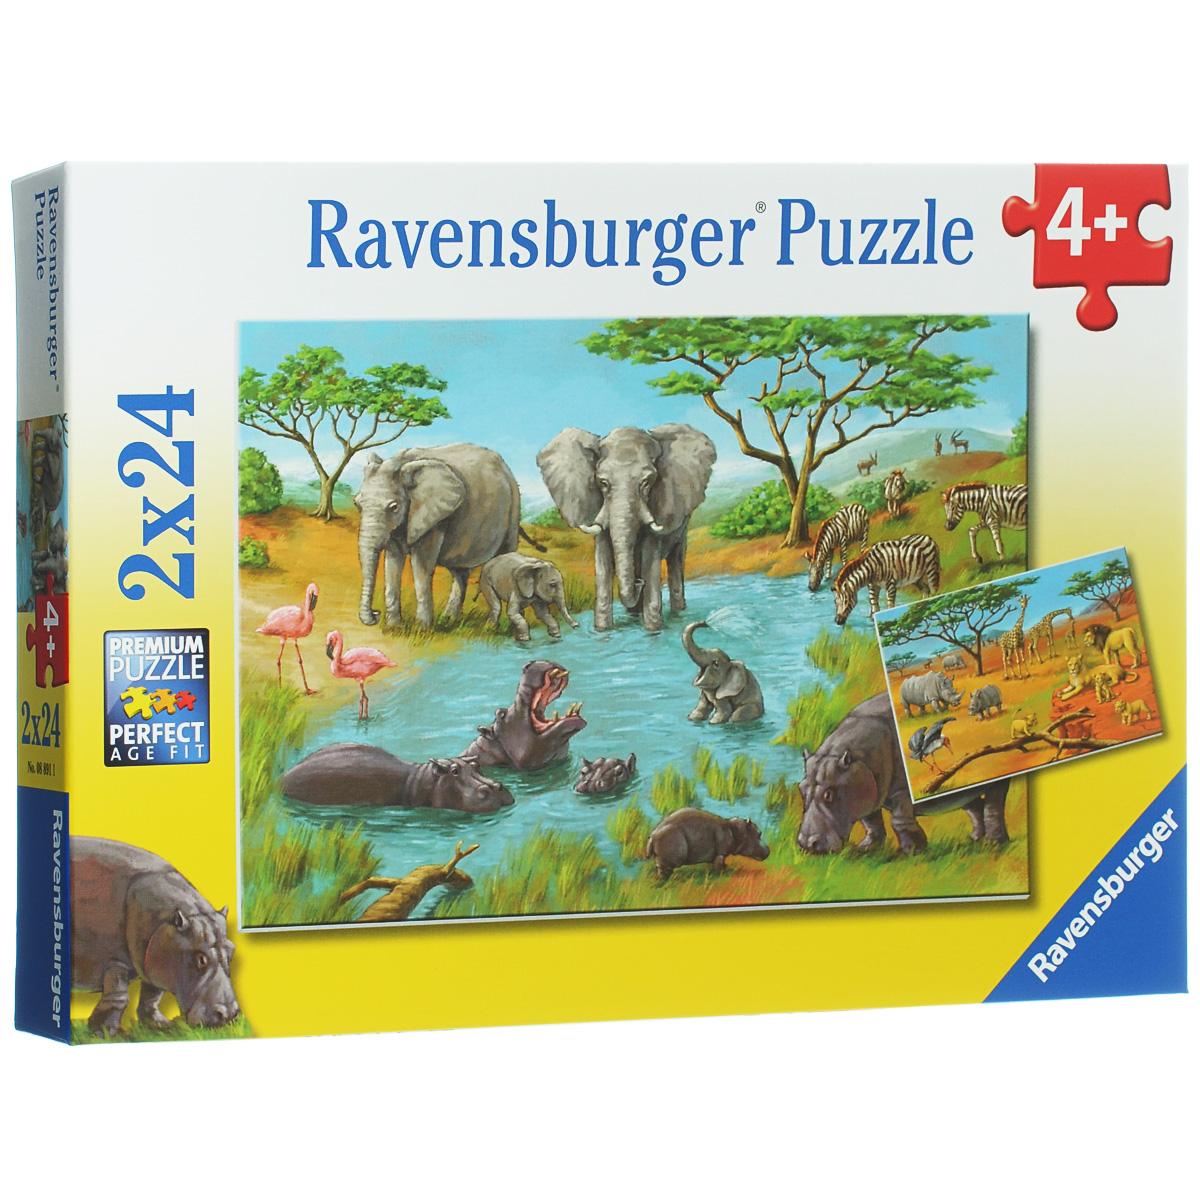 Ravensburger Дикая природа. Пазл, 2 х 24 элемента08891Пазл Ravensburger Дикая природа, несомненно, понравится вашему ребенку. Собрав пазлы, каждый из которых включает по 24 элемента, вы получите две красочные картинки с изображением африканских животных. Пазл изготовлен из картона высочайшего качества. Каждая деталь имеет свою форму и подходит только на свое место. Все изображения аккуратно отсканированы и напечатаны на ламинированной бумаге. Пазлы - замечательная развивающая игра для детей. Собирание пазла развивает у ребенка мелкую моторику рук, тренирует наблюдательность, логическое мышление, знакомит с окружающим миром, с цветом и разнообразными формами, учит усидчивости и терпению, аккуратности и вниманию.